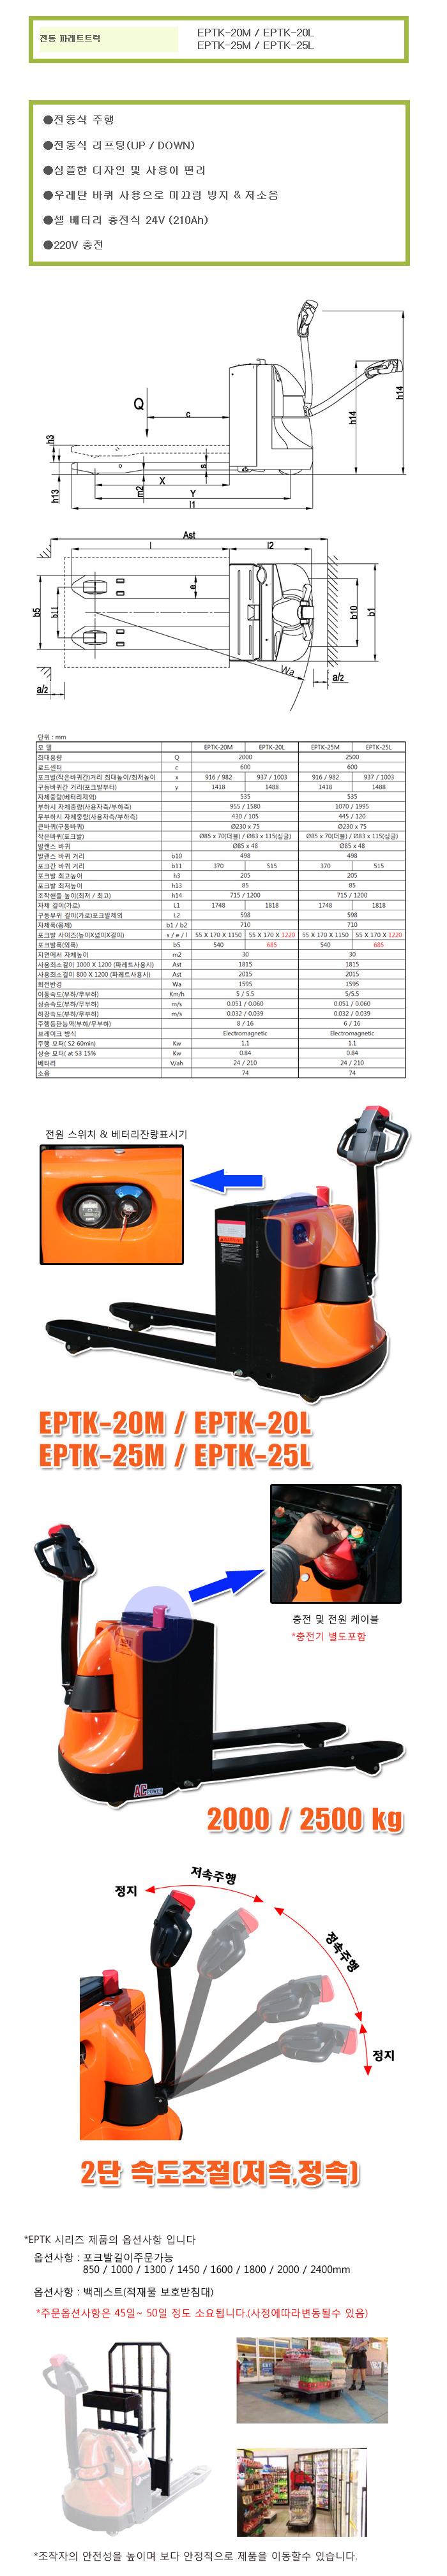 (주)쌍용리프트 전동 핸드파렛트럭 (상승,주행) EPTK Series